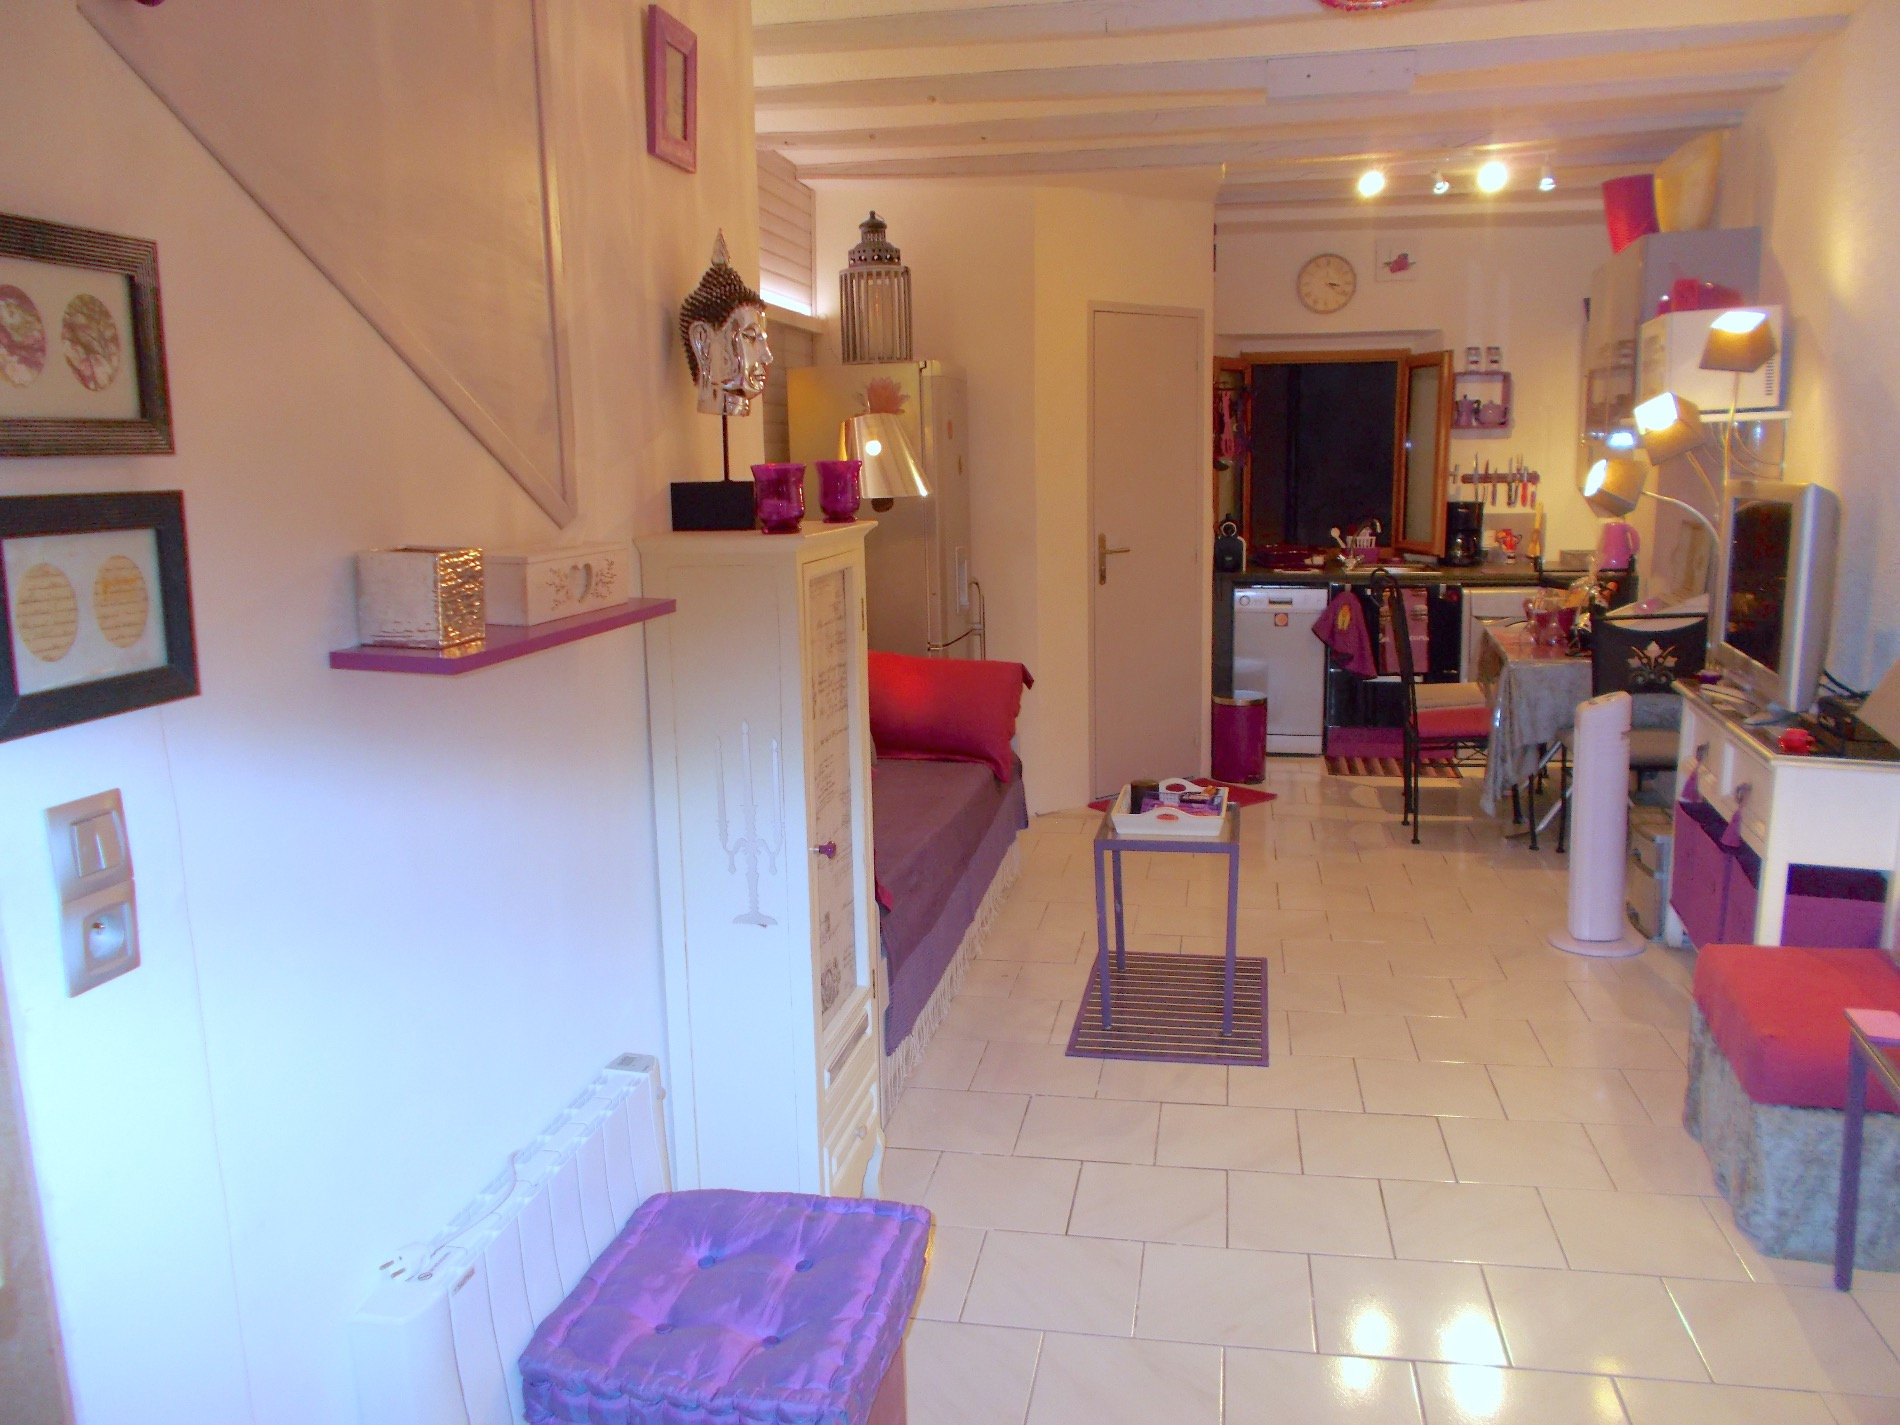 vente exclusivite menton vieille ville studio de 30 m2 avec coin nuit en dernier etage. Black Bedroom Furniture Sets. Home Design Ideas